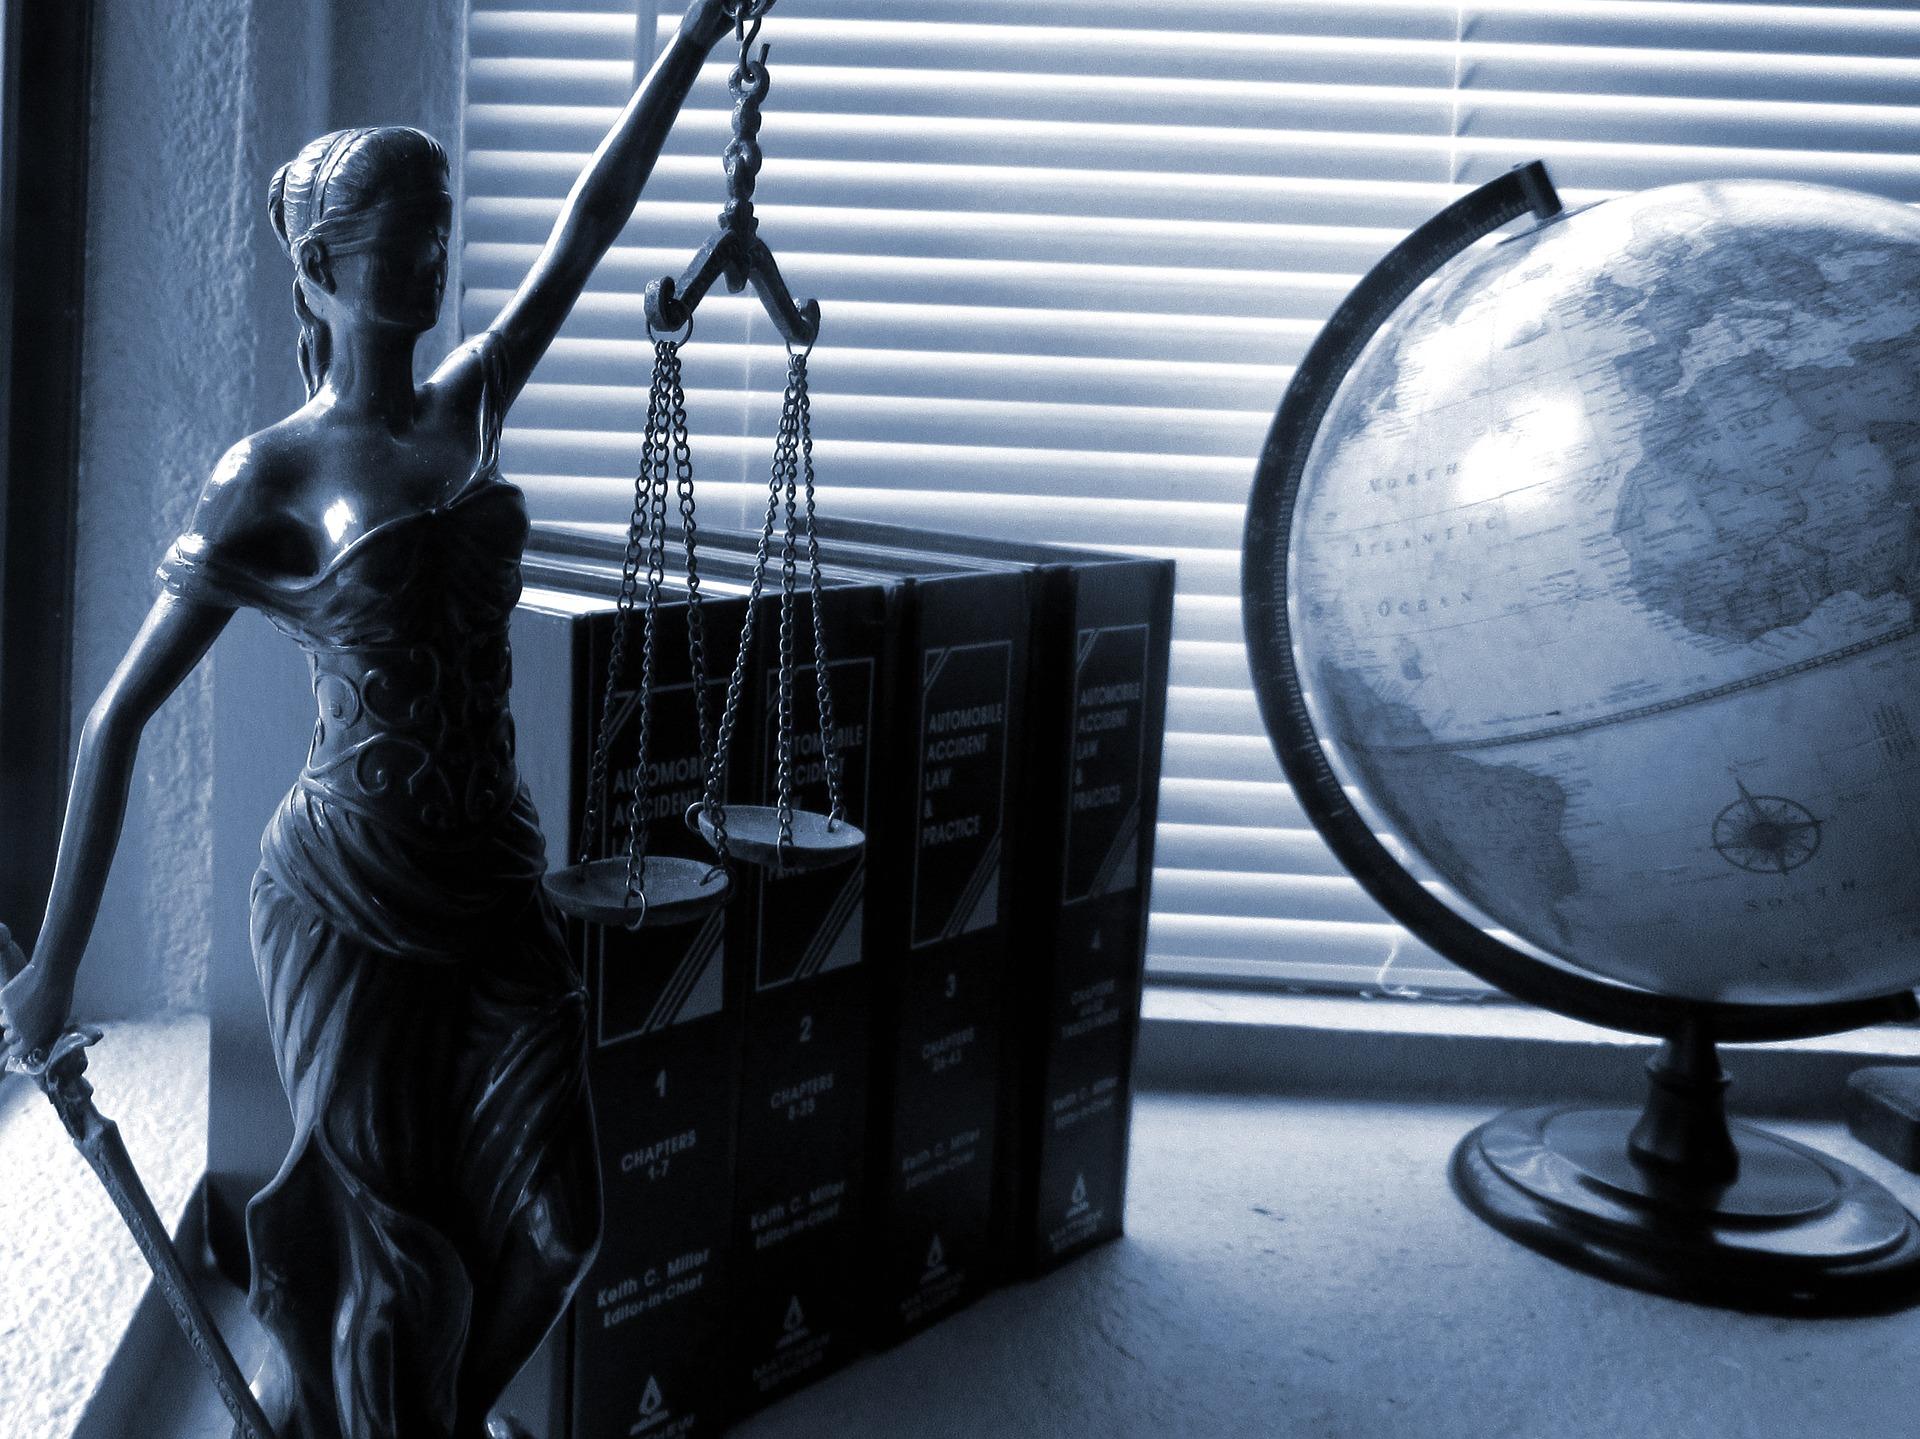 Юридичний аутсорсинг або юрист в підприємстві - що вигідніше?